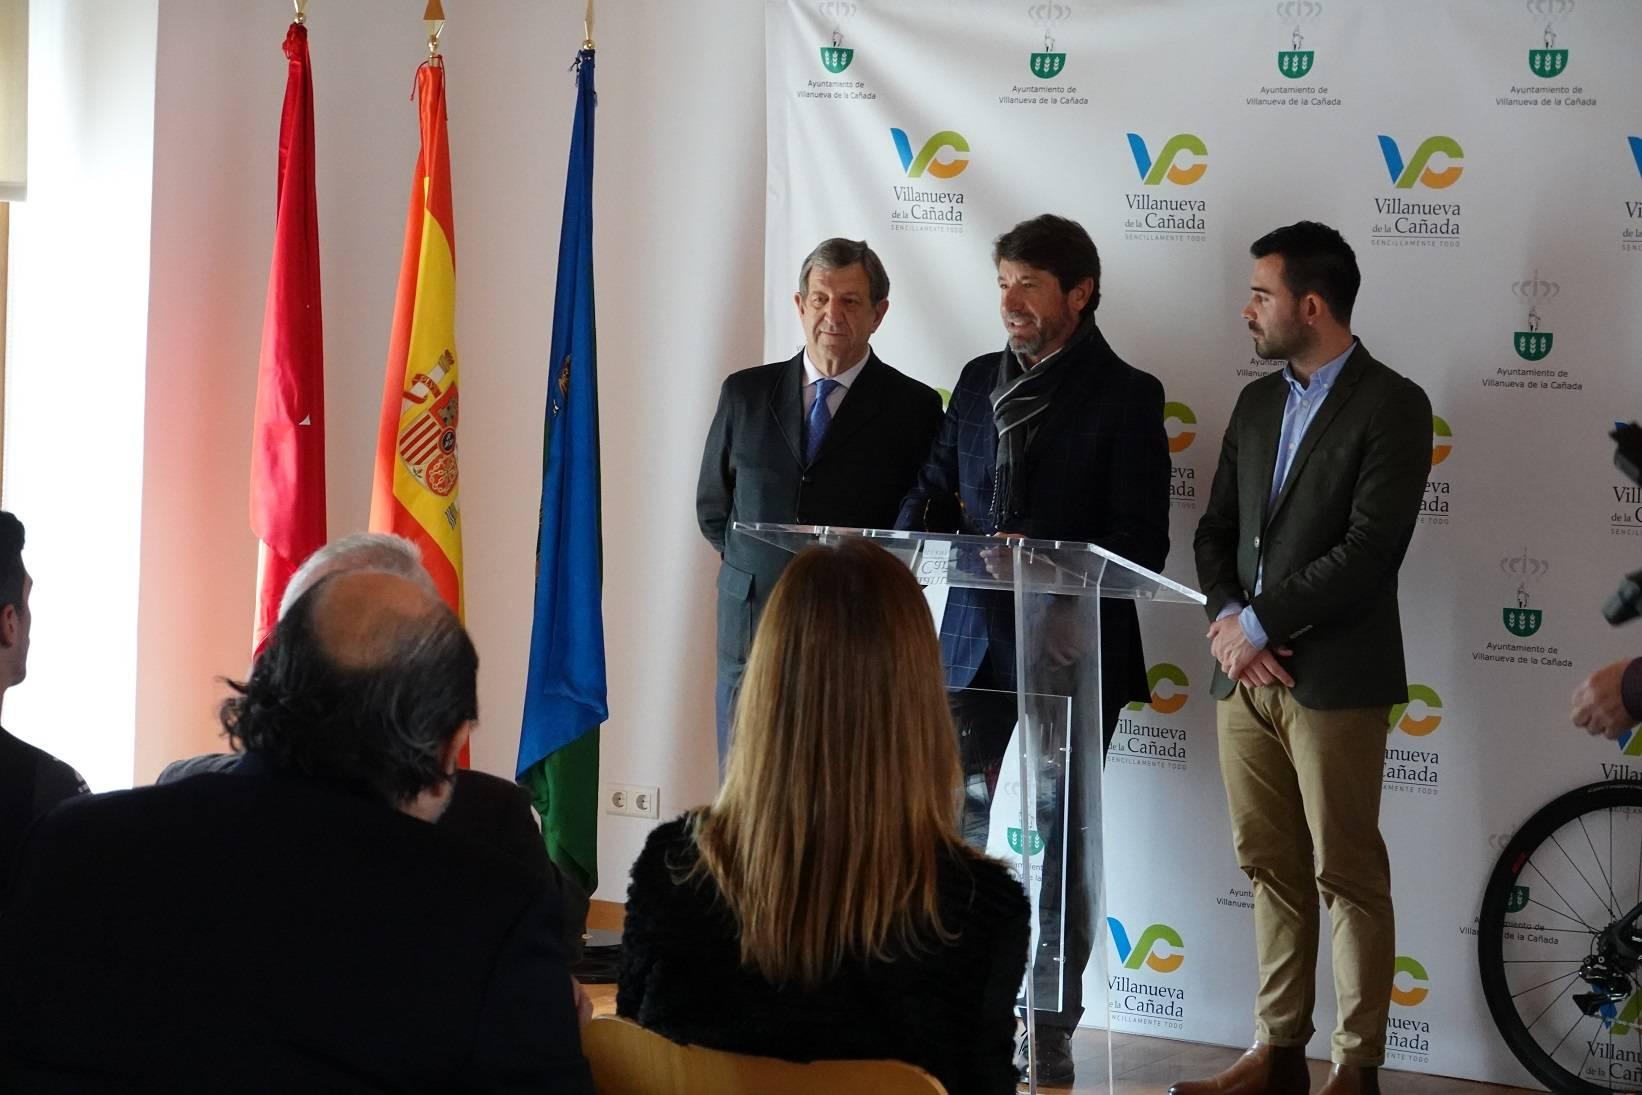 El regidor villanovense junto al presidente del Grupo Deportivo Orquín y el concejal de Deportes, Ignacio González.